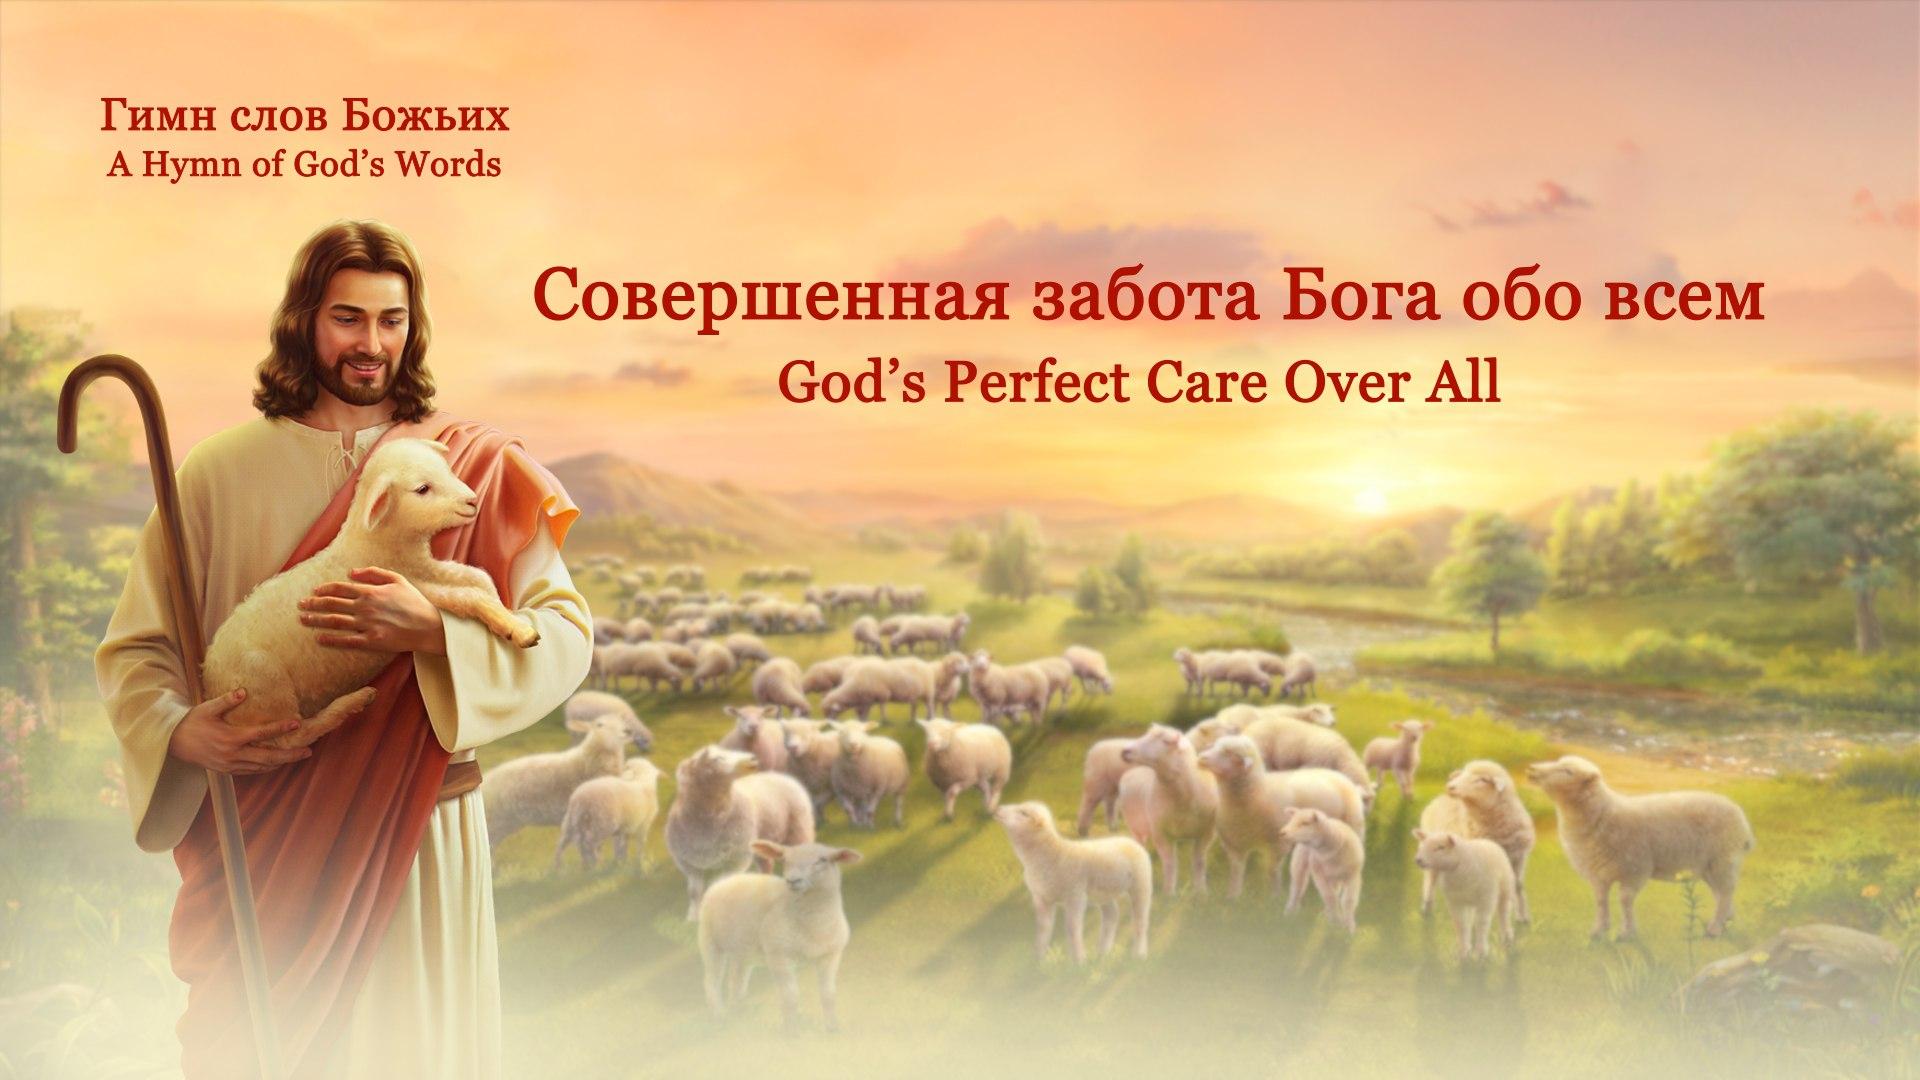 Песни о Боге и Его Любви | «Совершенная забота Бога обо всем» Бог любит тебя